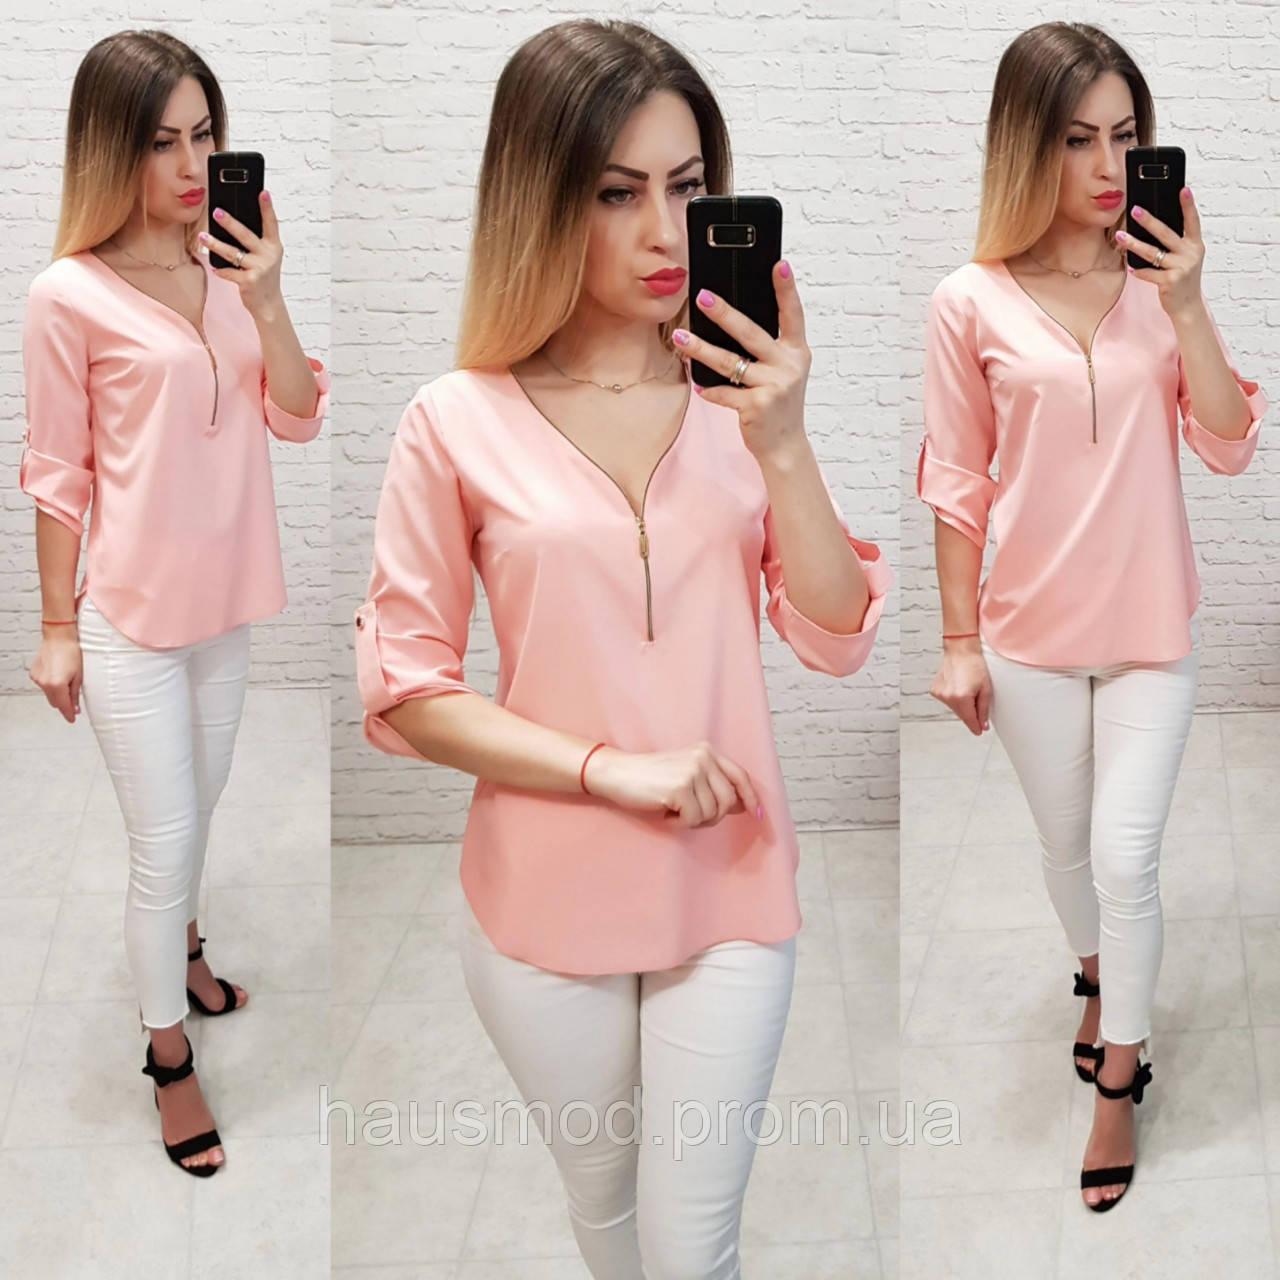 Женская блуза на молнии рукав 3/4 ткань софт цвет розовый